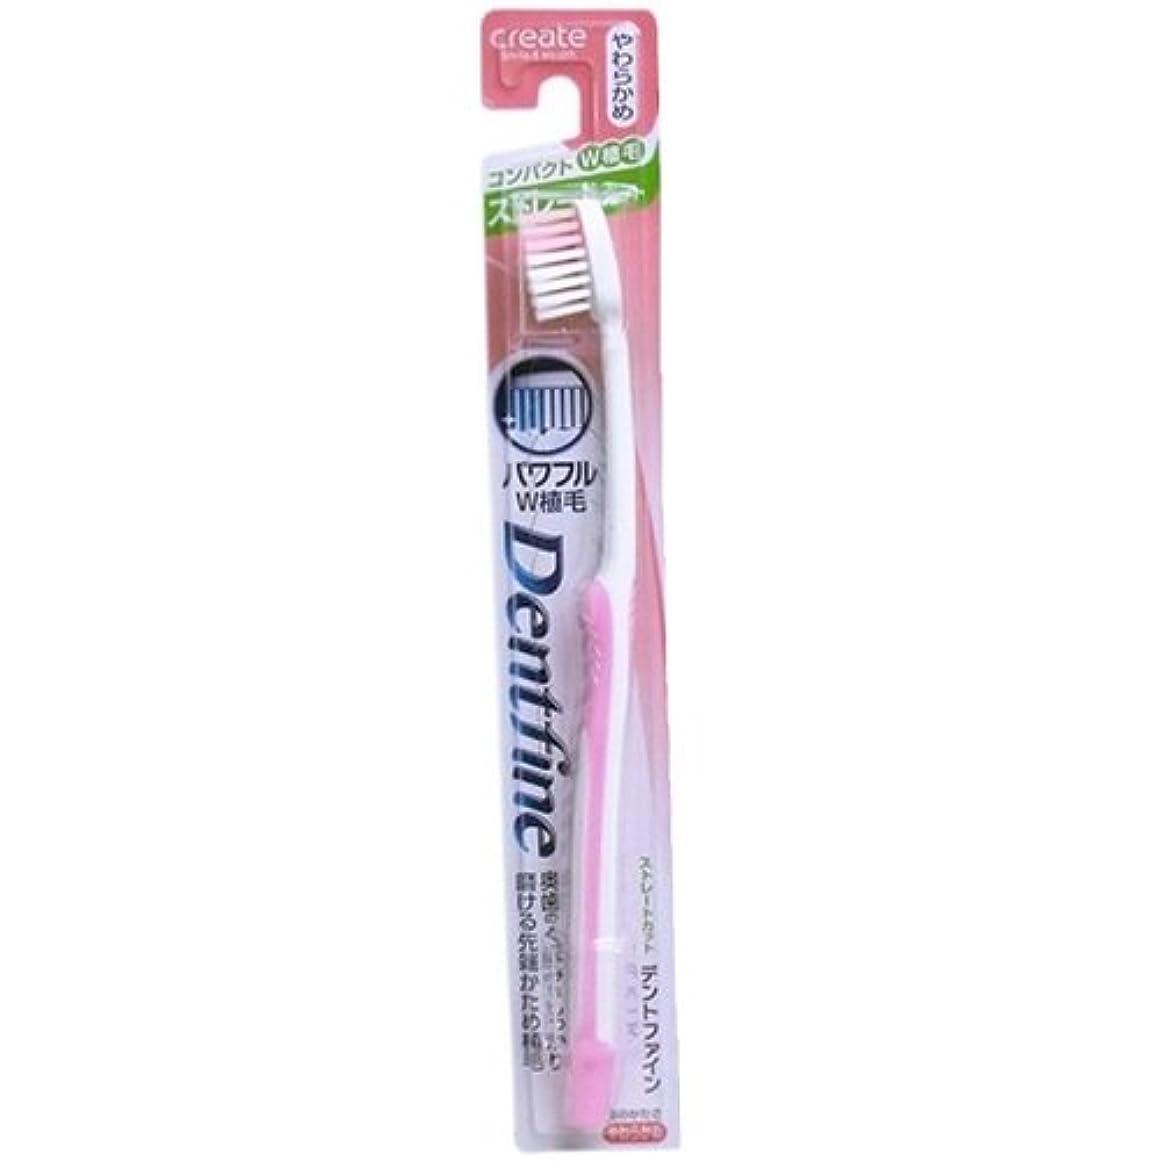 電卓見つけた後継デントファインラバーグリップ ストレートカット歯ブラシ やわらかめ 1本:ピンク